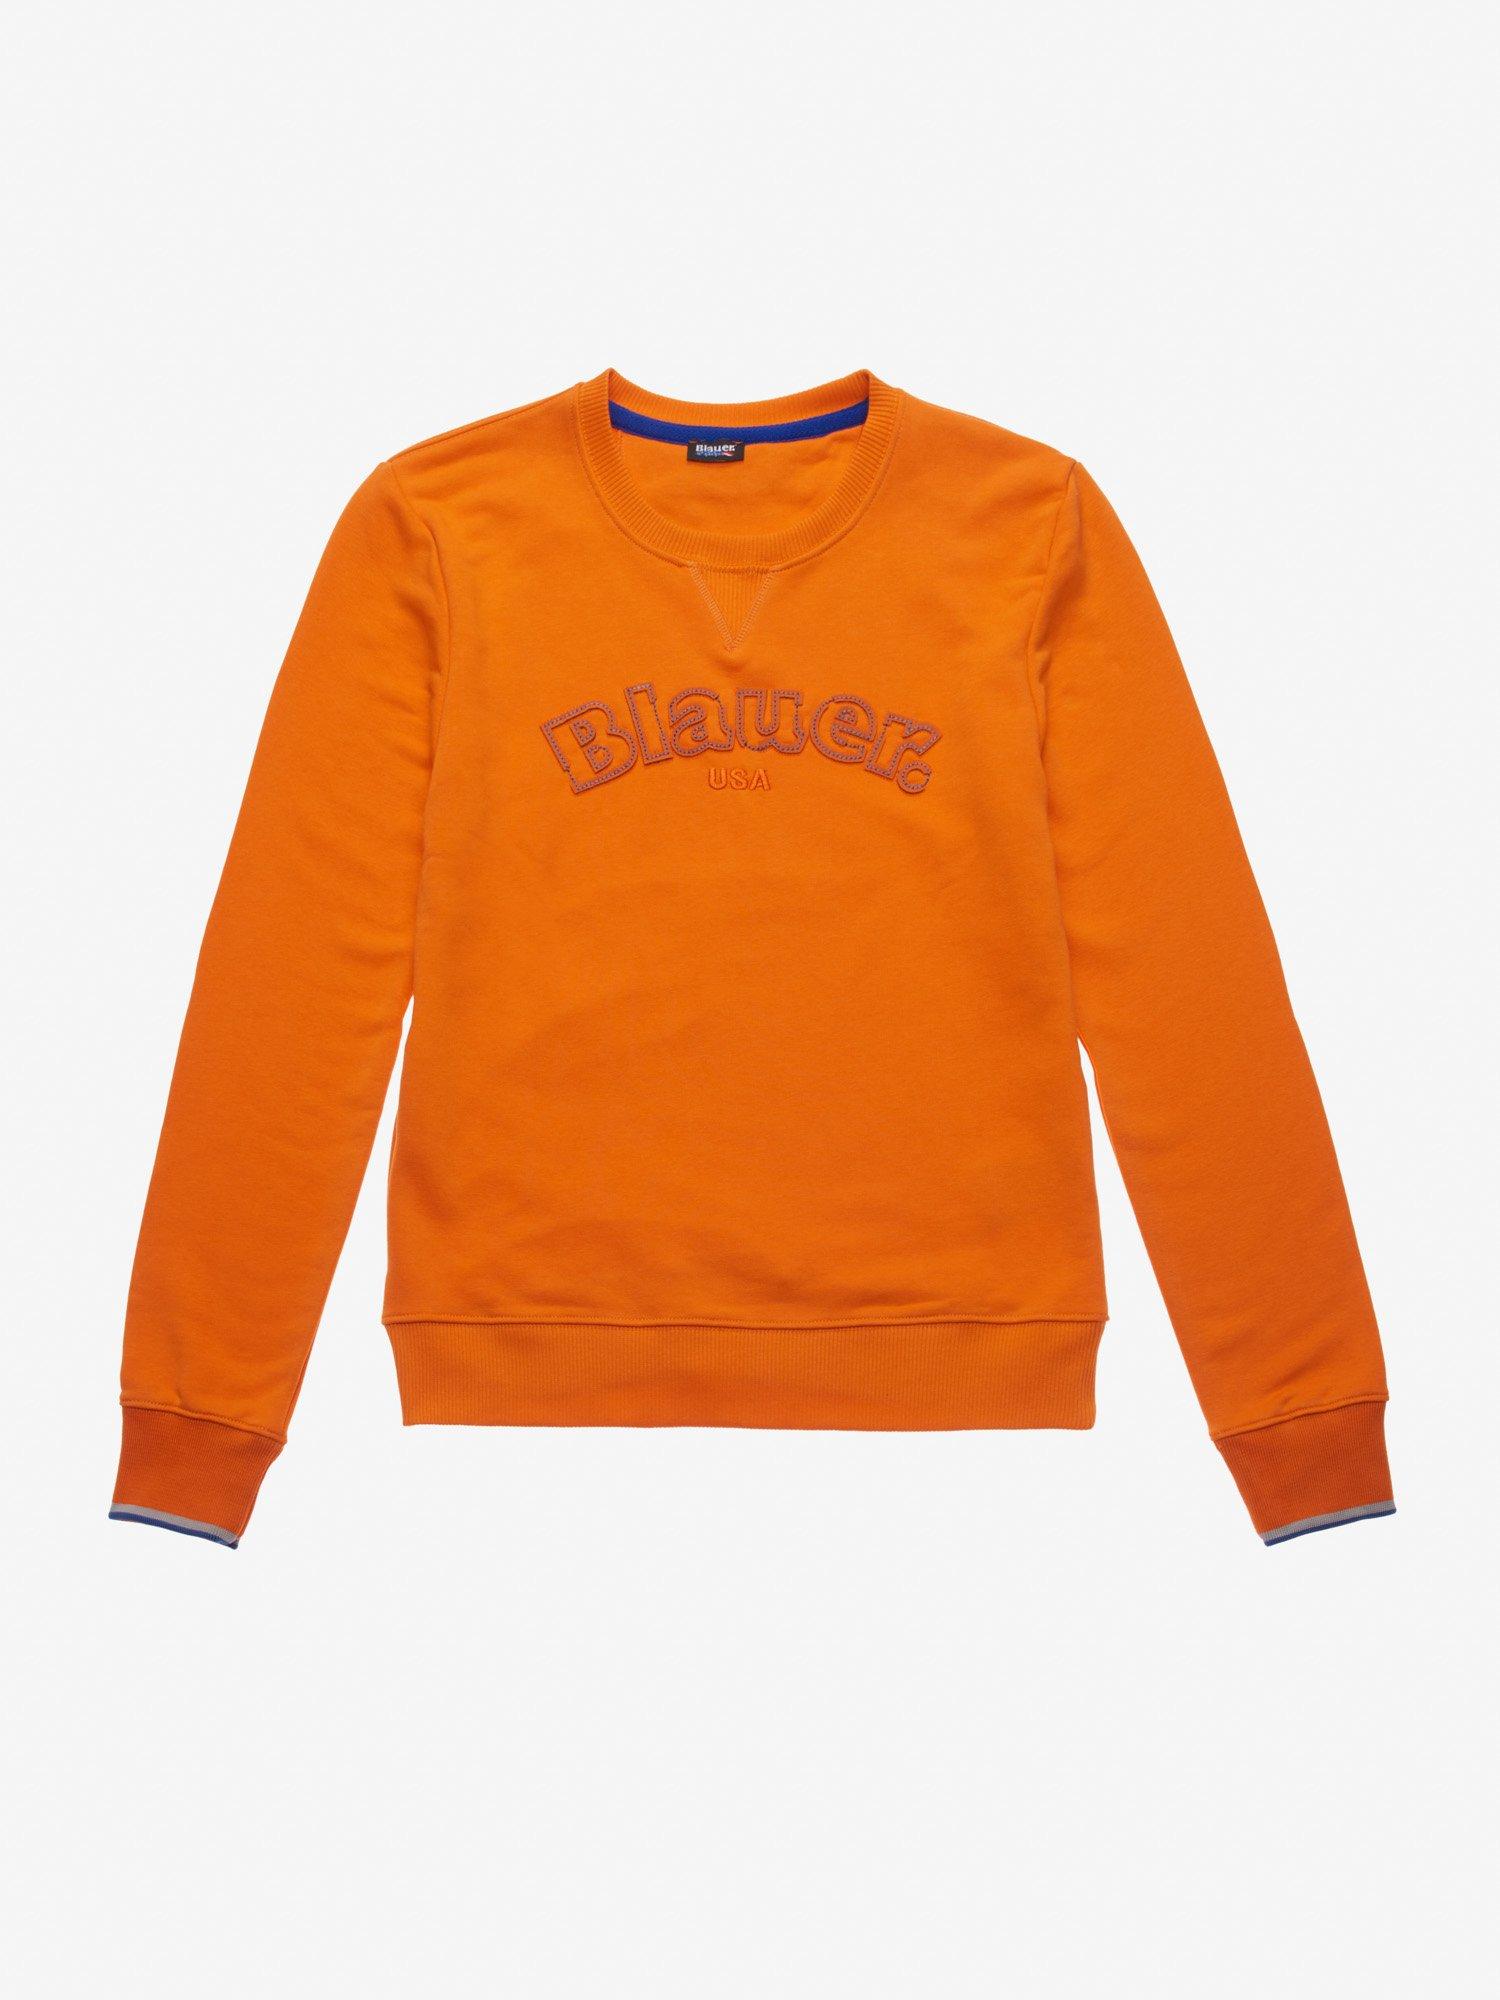 Blauer - ACADEMY STYLE CREW NECK SWEATSHIRT - Orange Carrot - Blauer